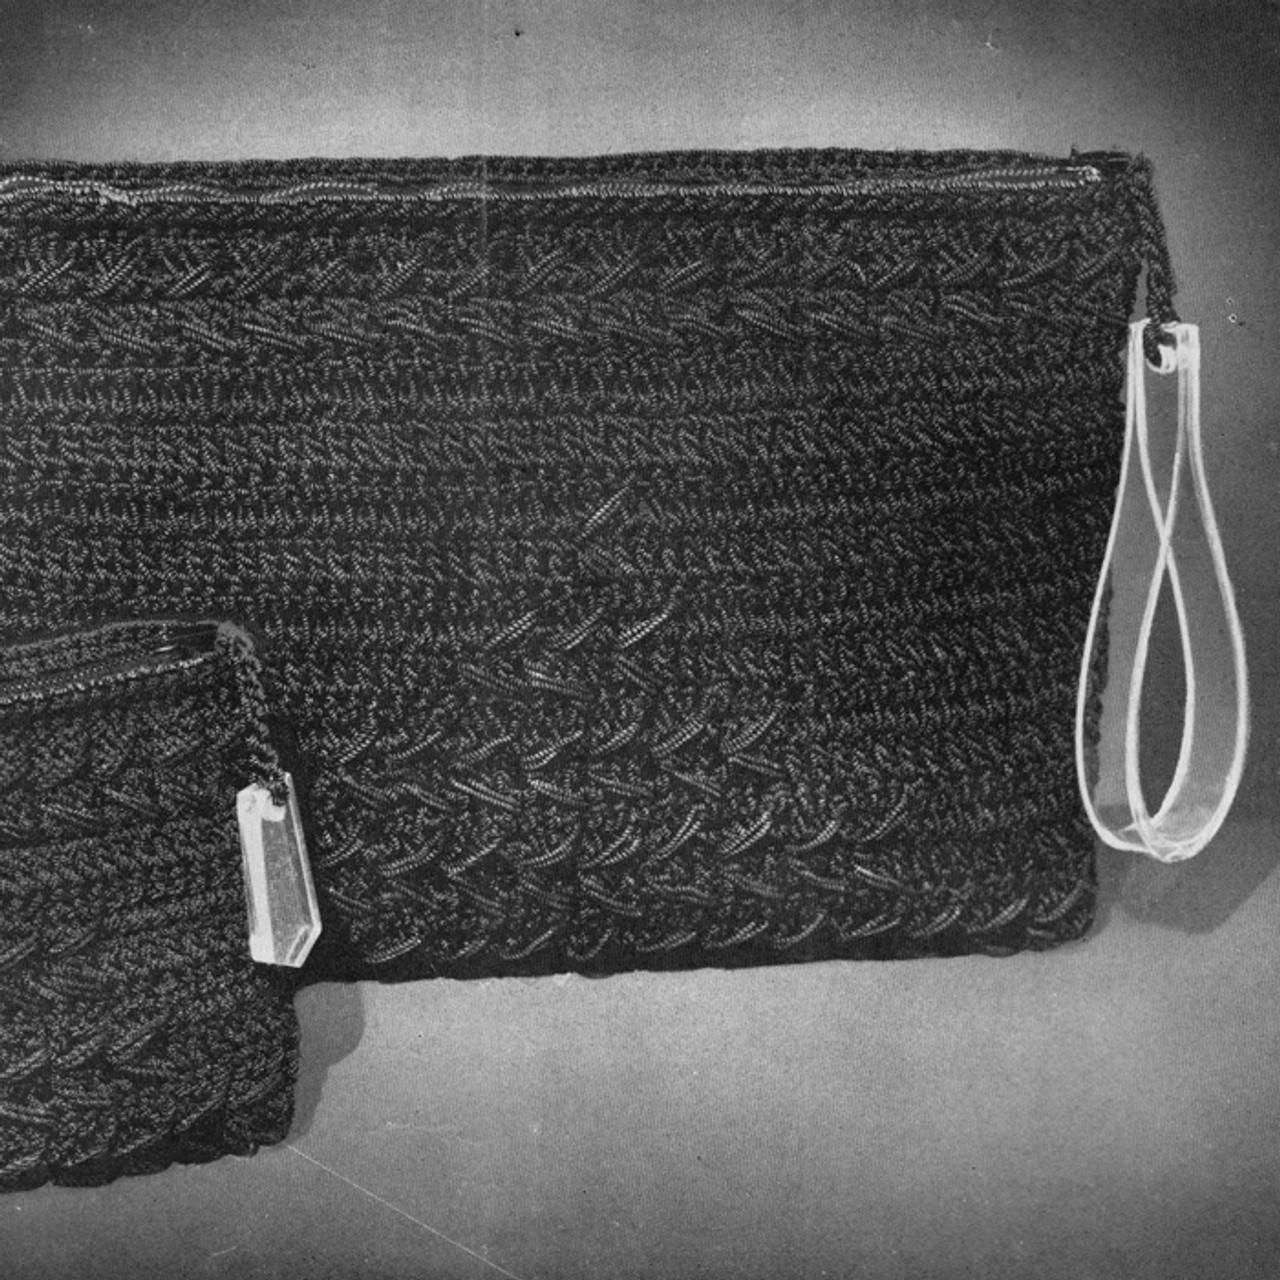 Vintage Corde Crochet Clutch Bags Pattern